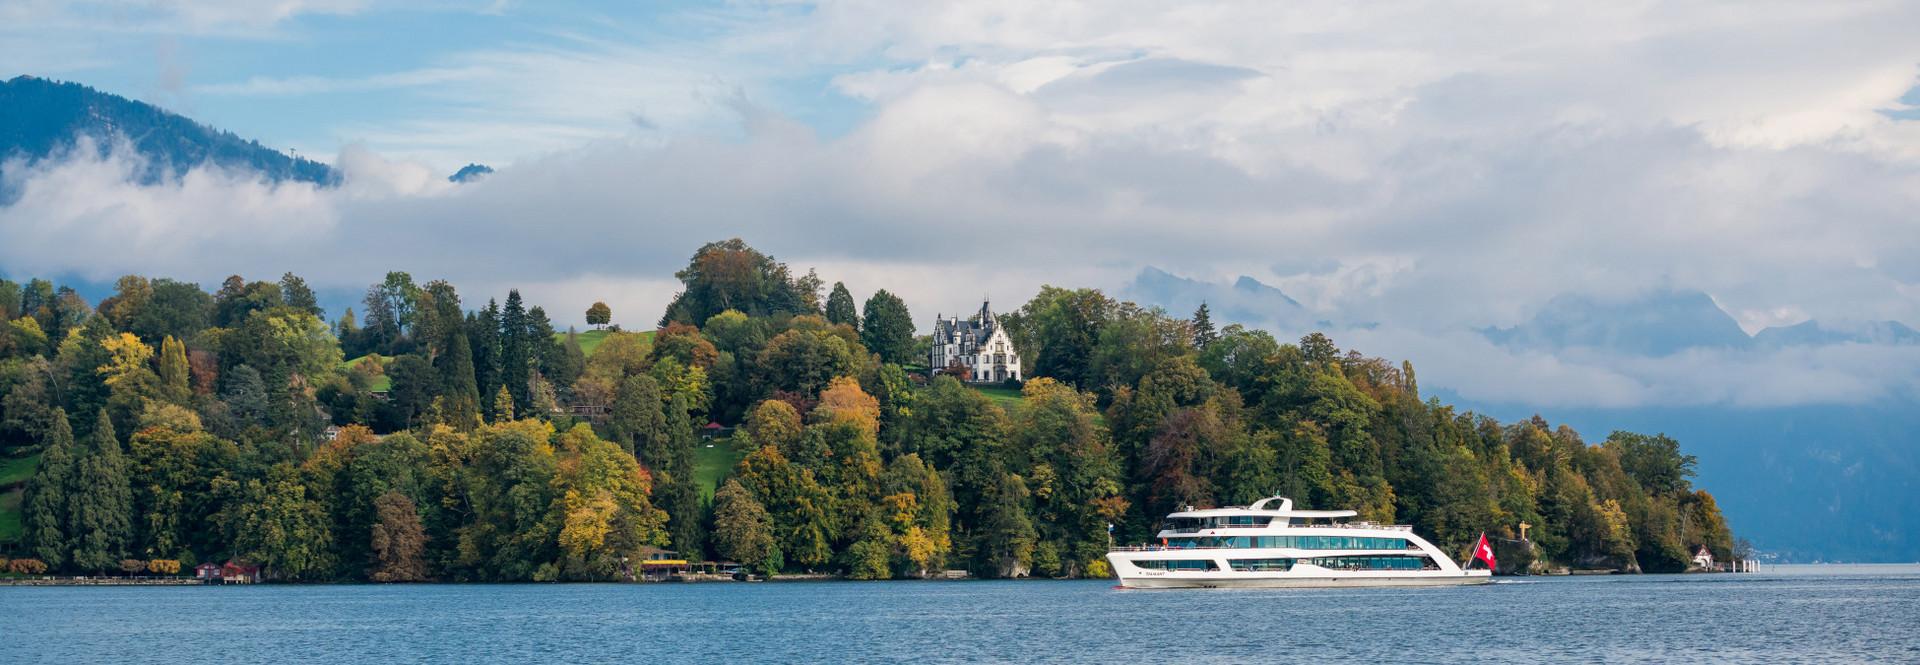 Le bateau à moteur Diamant passe devant le château de Meggenhorn.